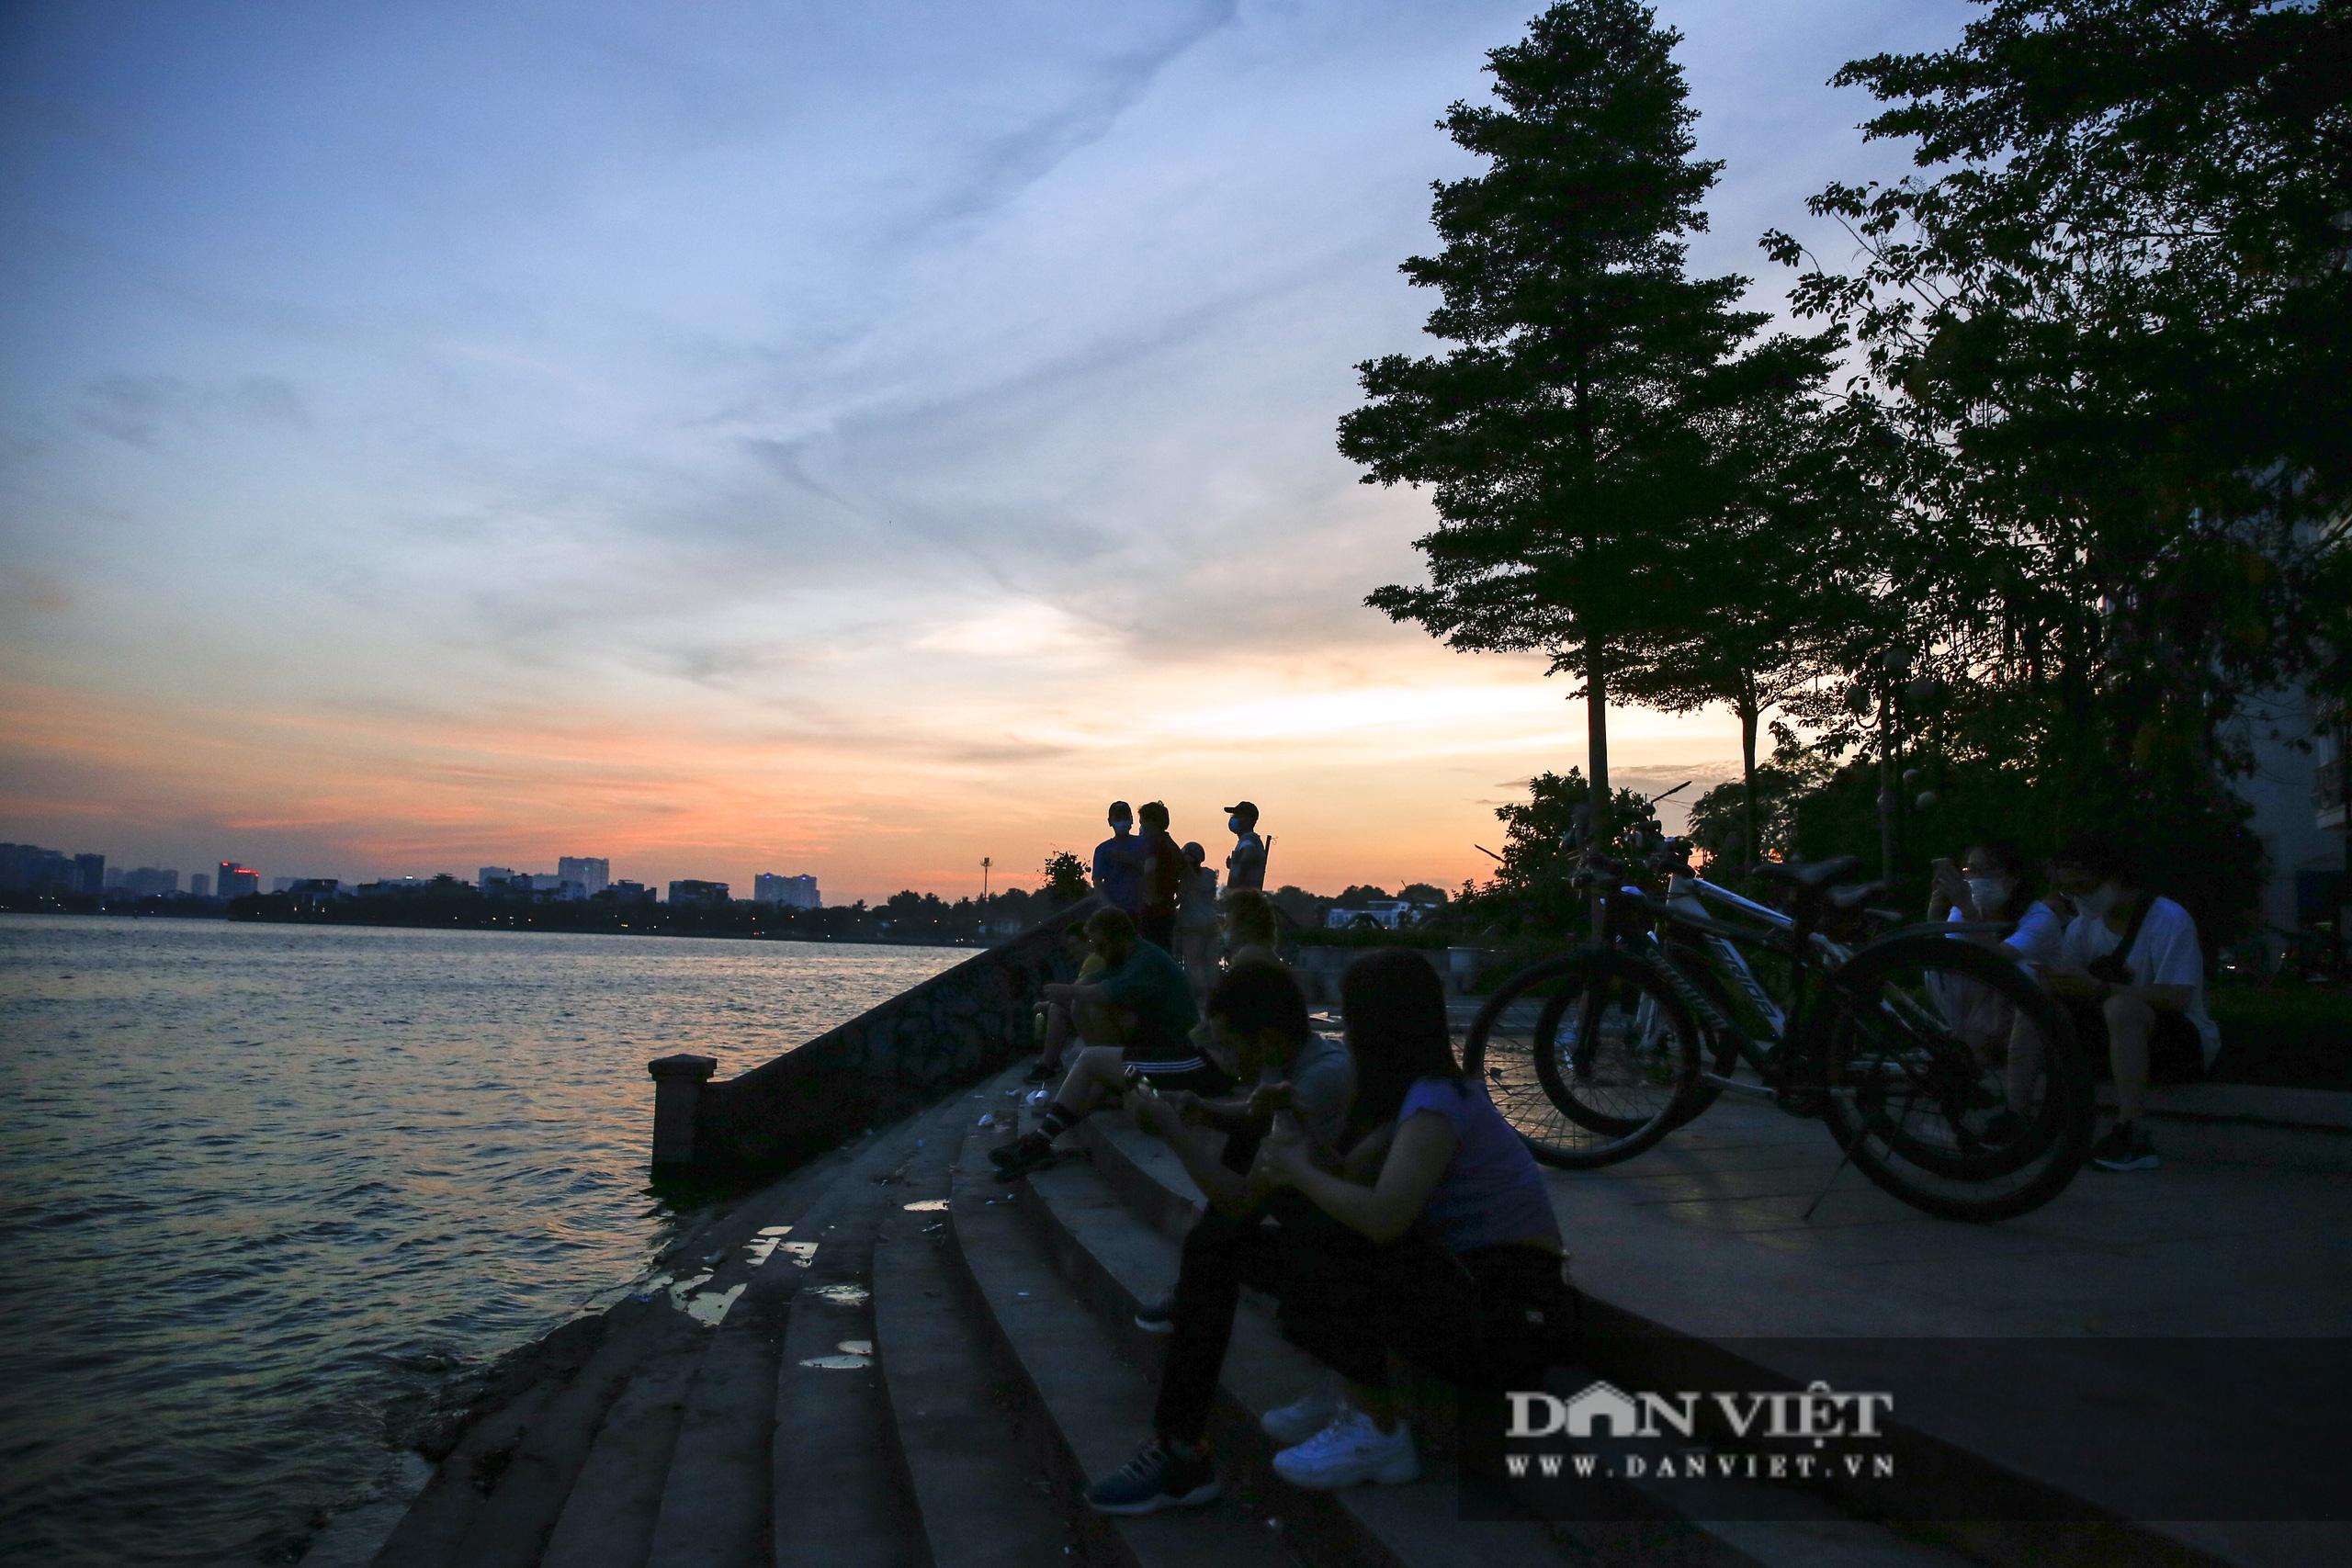 Công an lập chốt chặn, hồ Tây vẫn đông nghịt người đạp xe, tập thể dục - Ảnh 9.